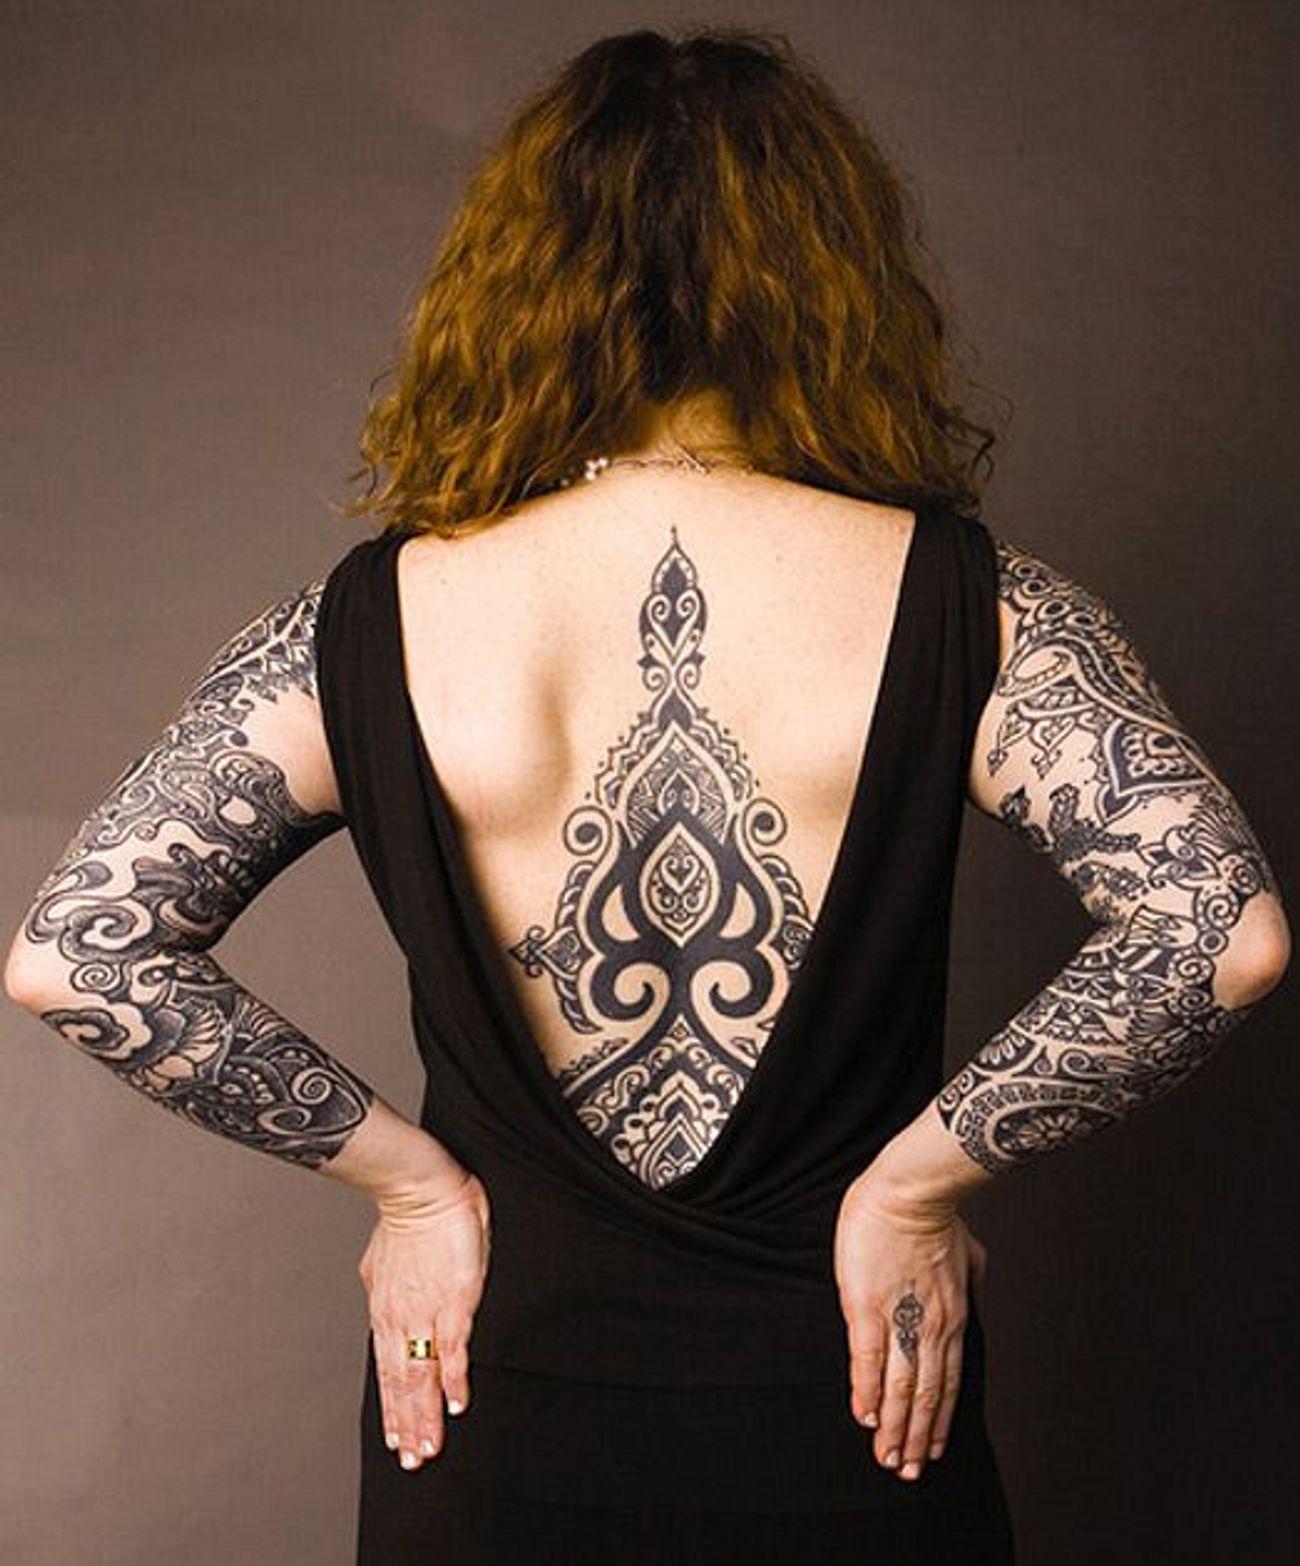 74fb7d0d20fce Jews With Tattoos – The Forward